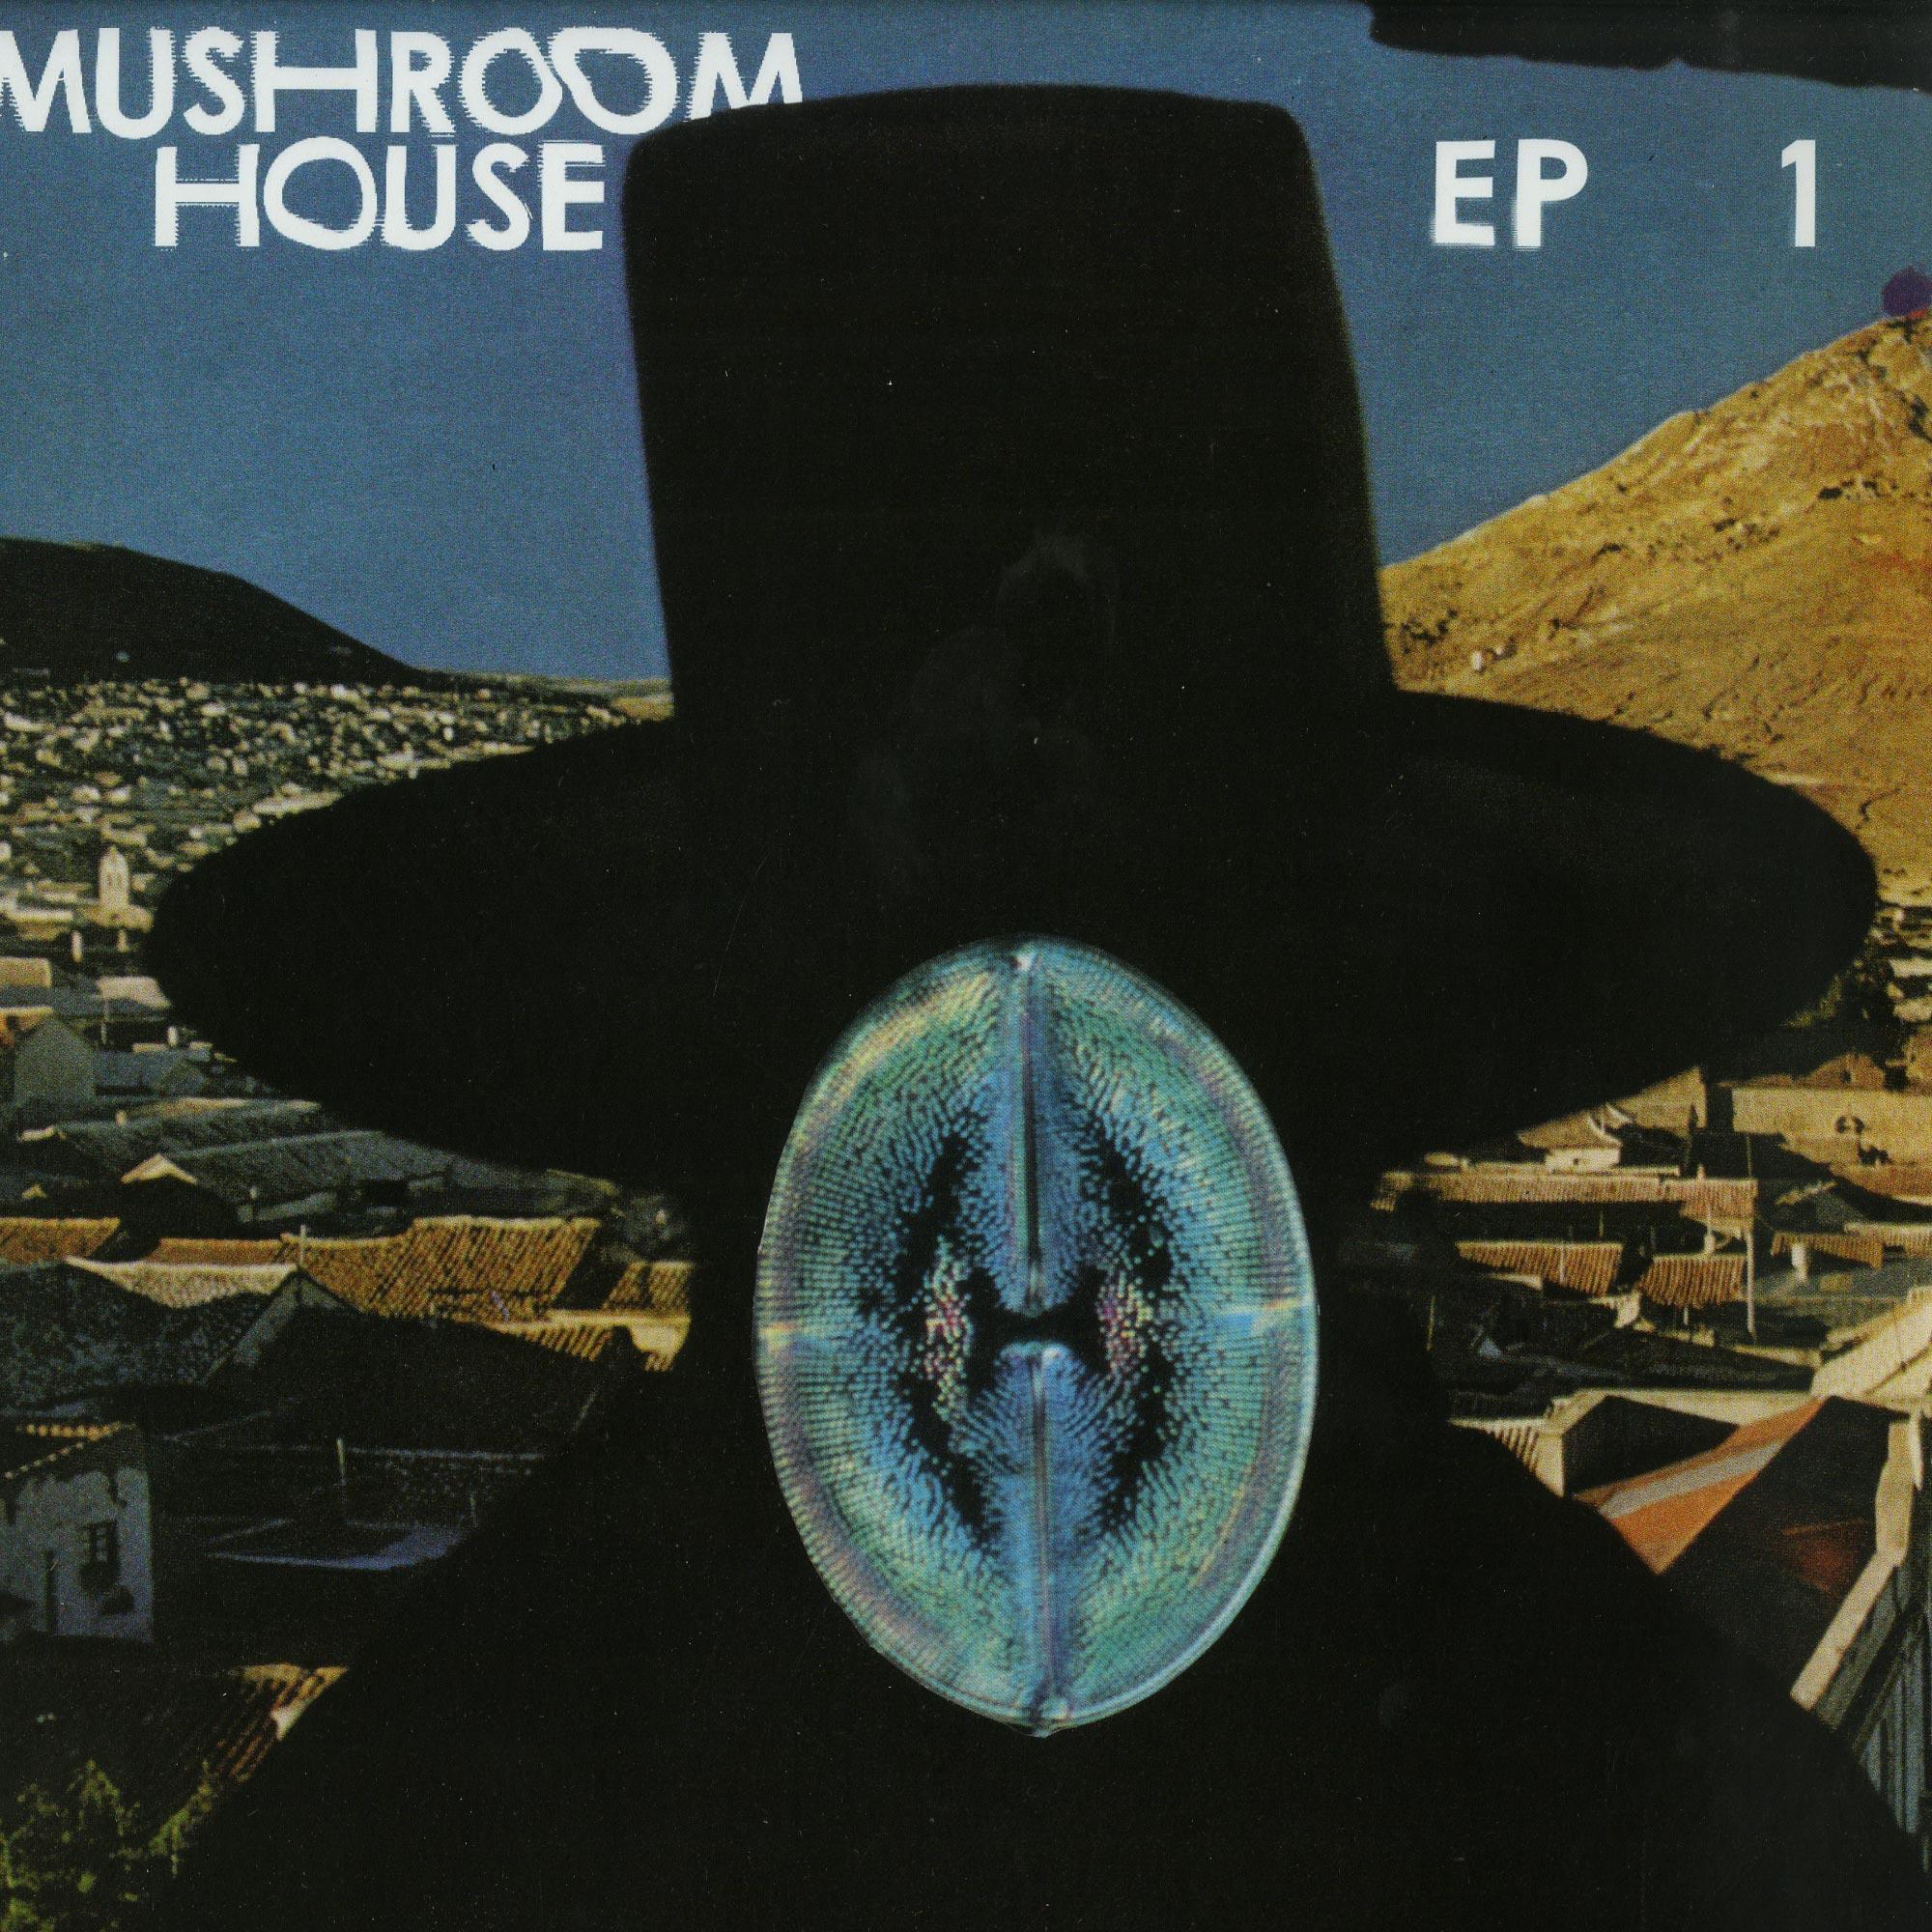 Whomadewho, Munk & Rebolledo, Alien Alien, Jad & Ladyboy - MUSHROOM HOUSE EP 1